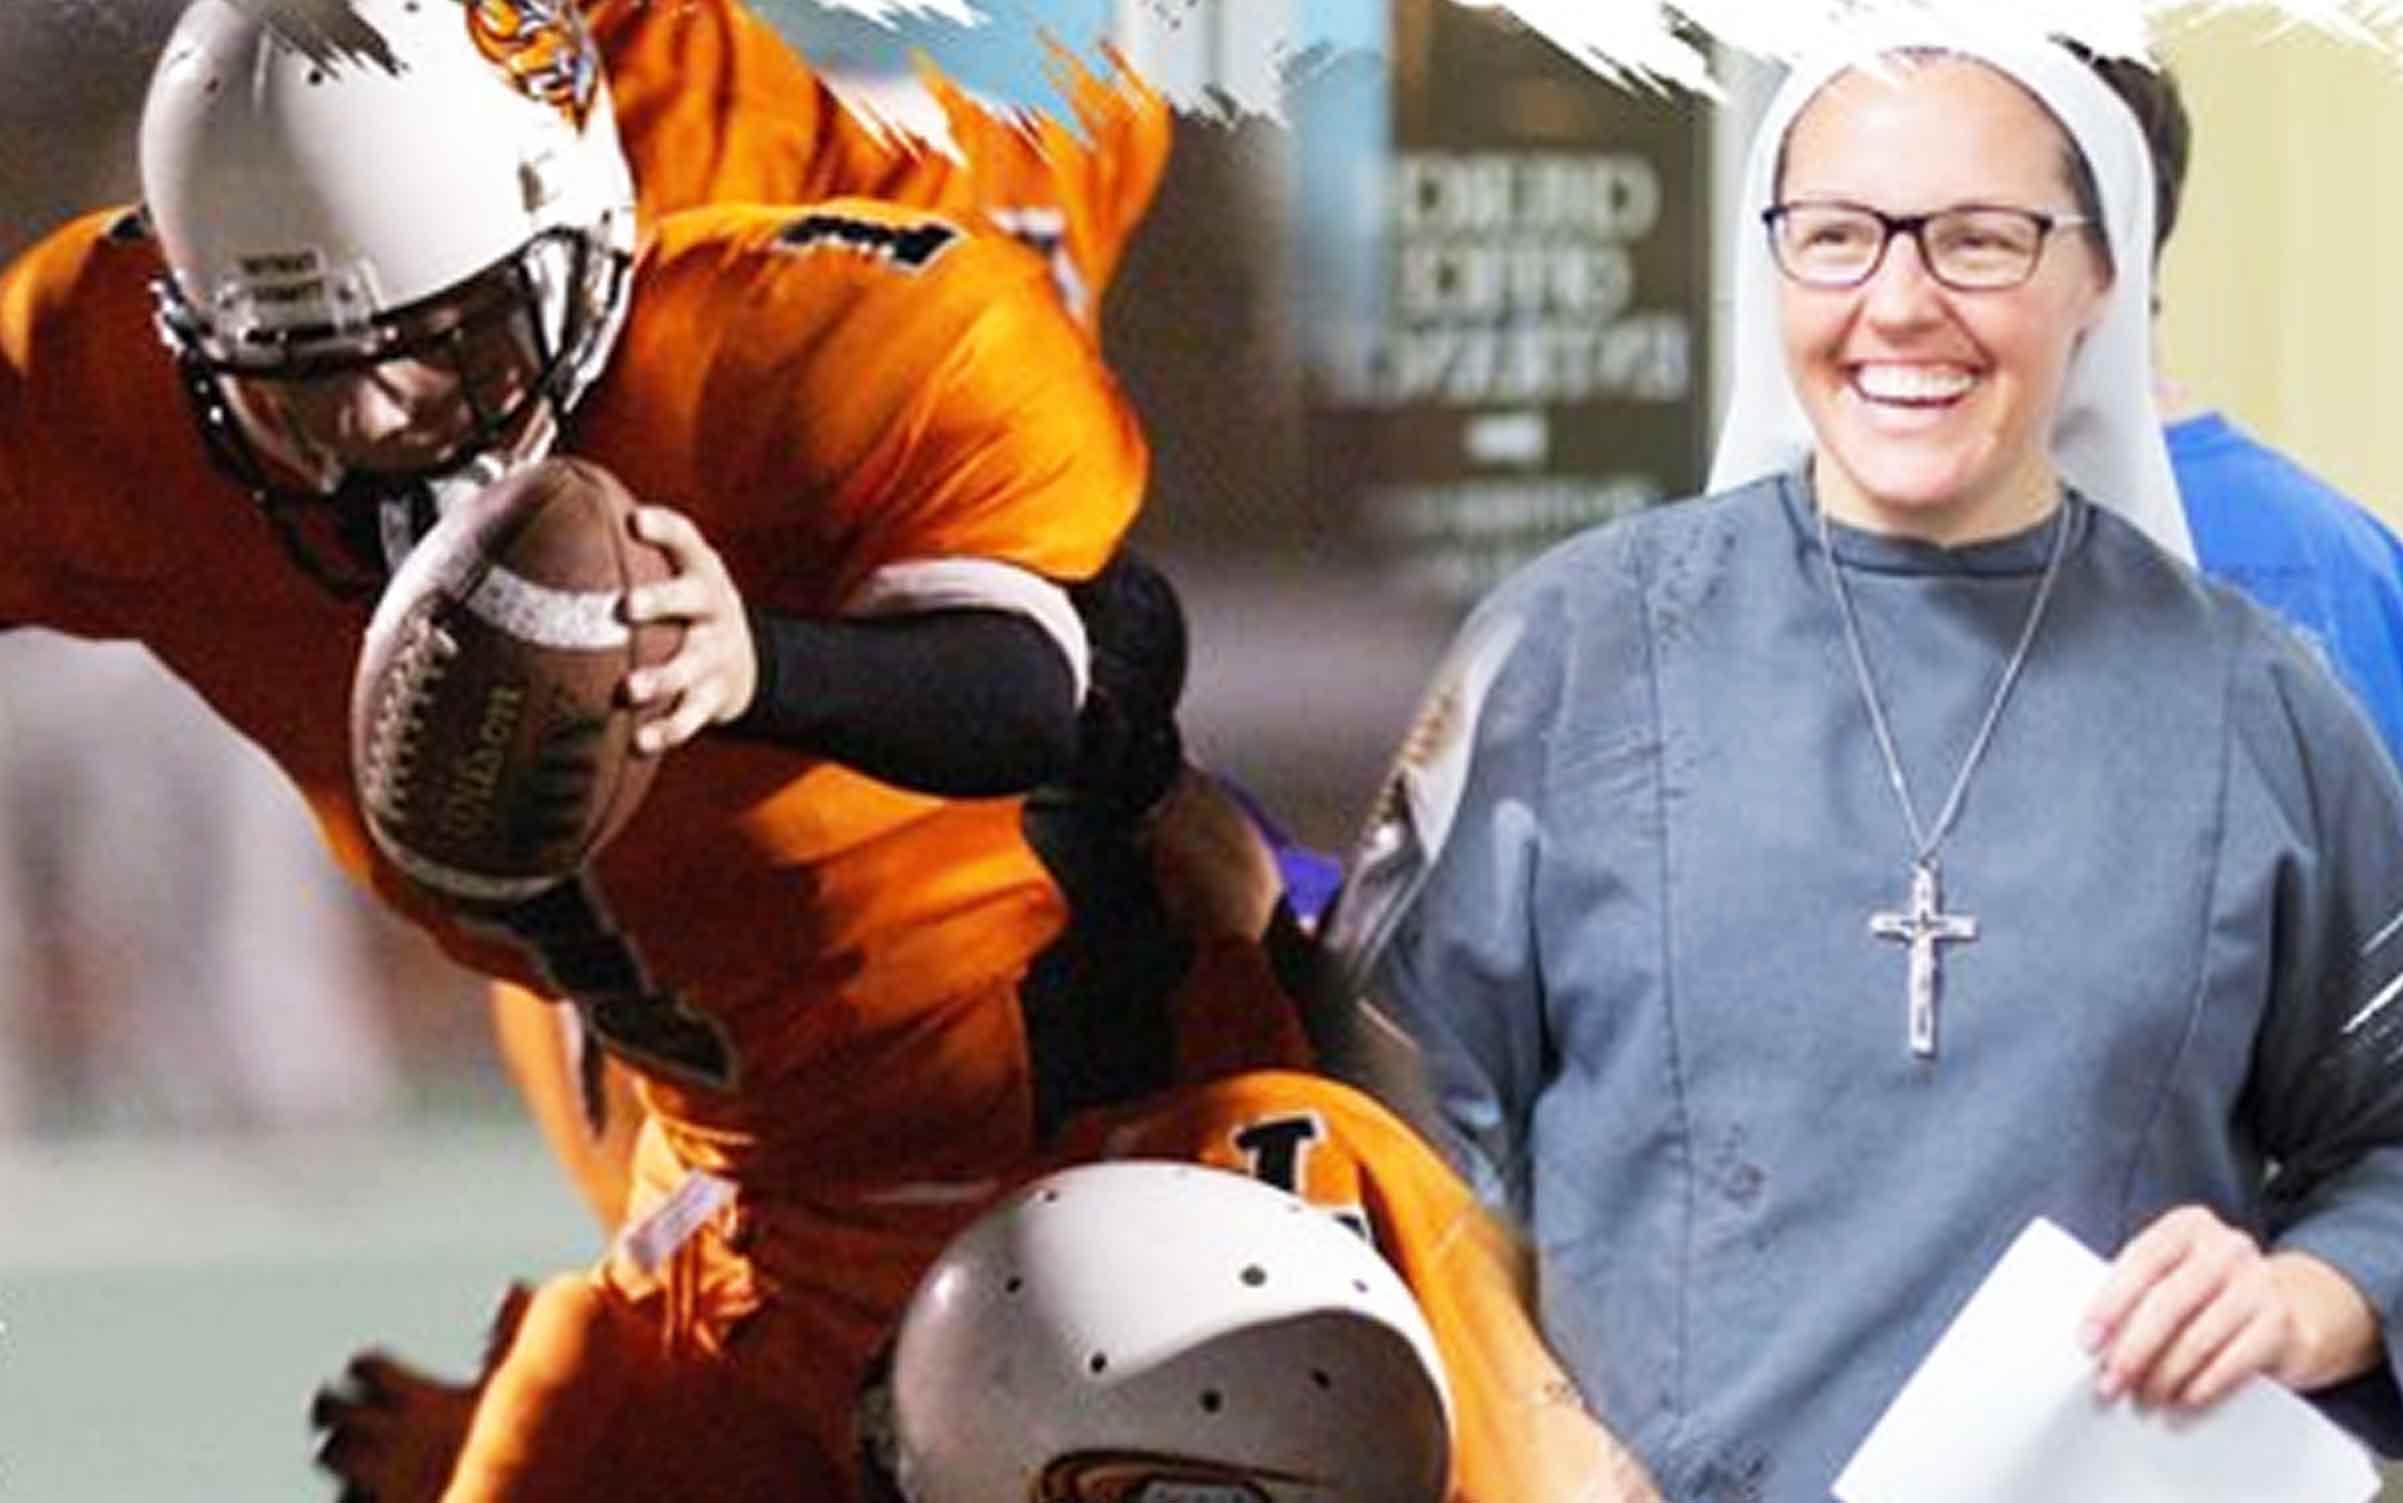 Hành trình ơn gọi của sơ Rita Clare Yoches, một nữ cựu cầu thủ bóng đá Mỹ